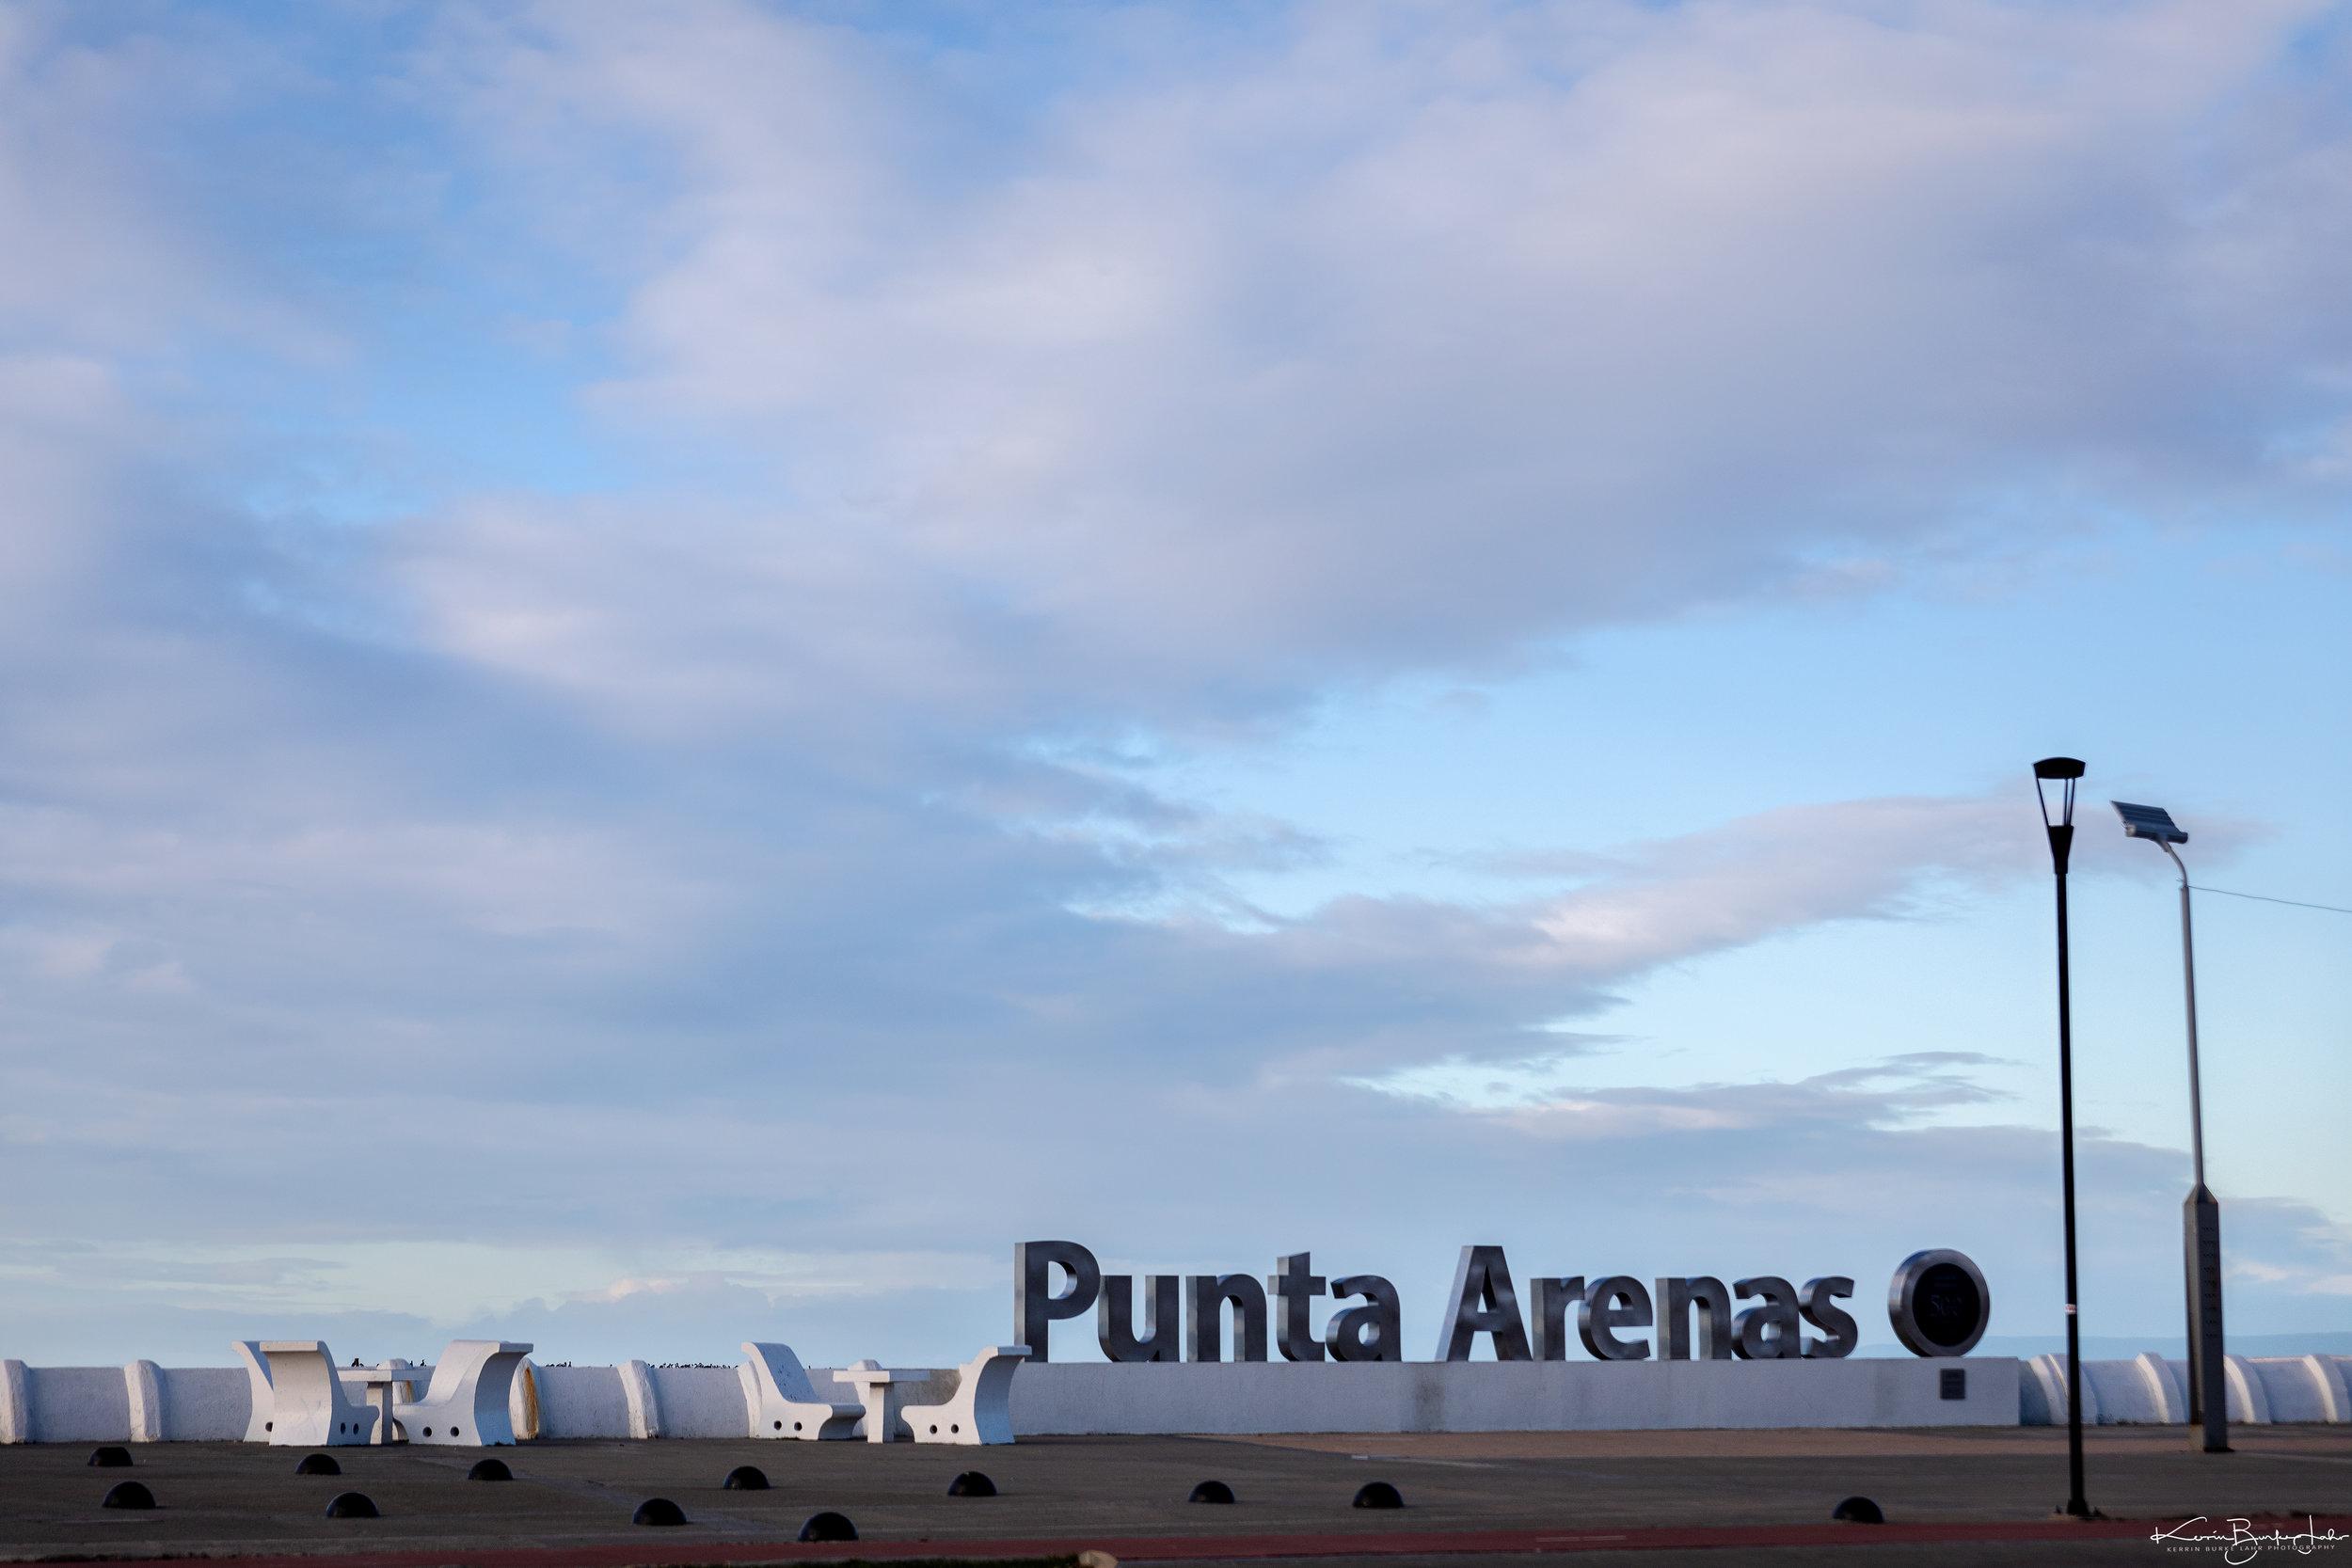 1 Pu4-14-2019erto-Arenas--41.jpg